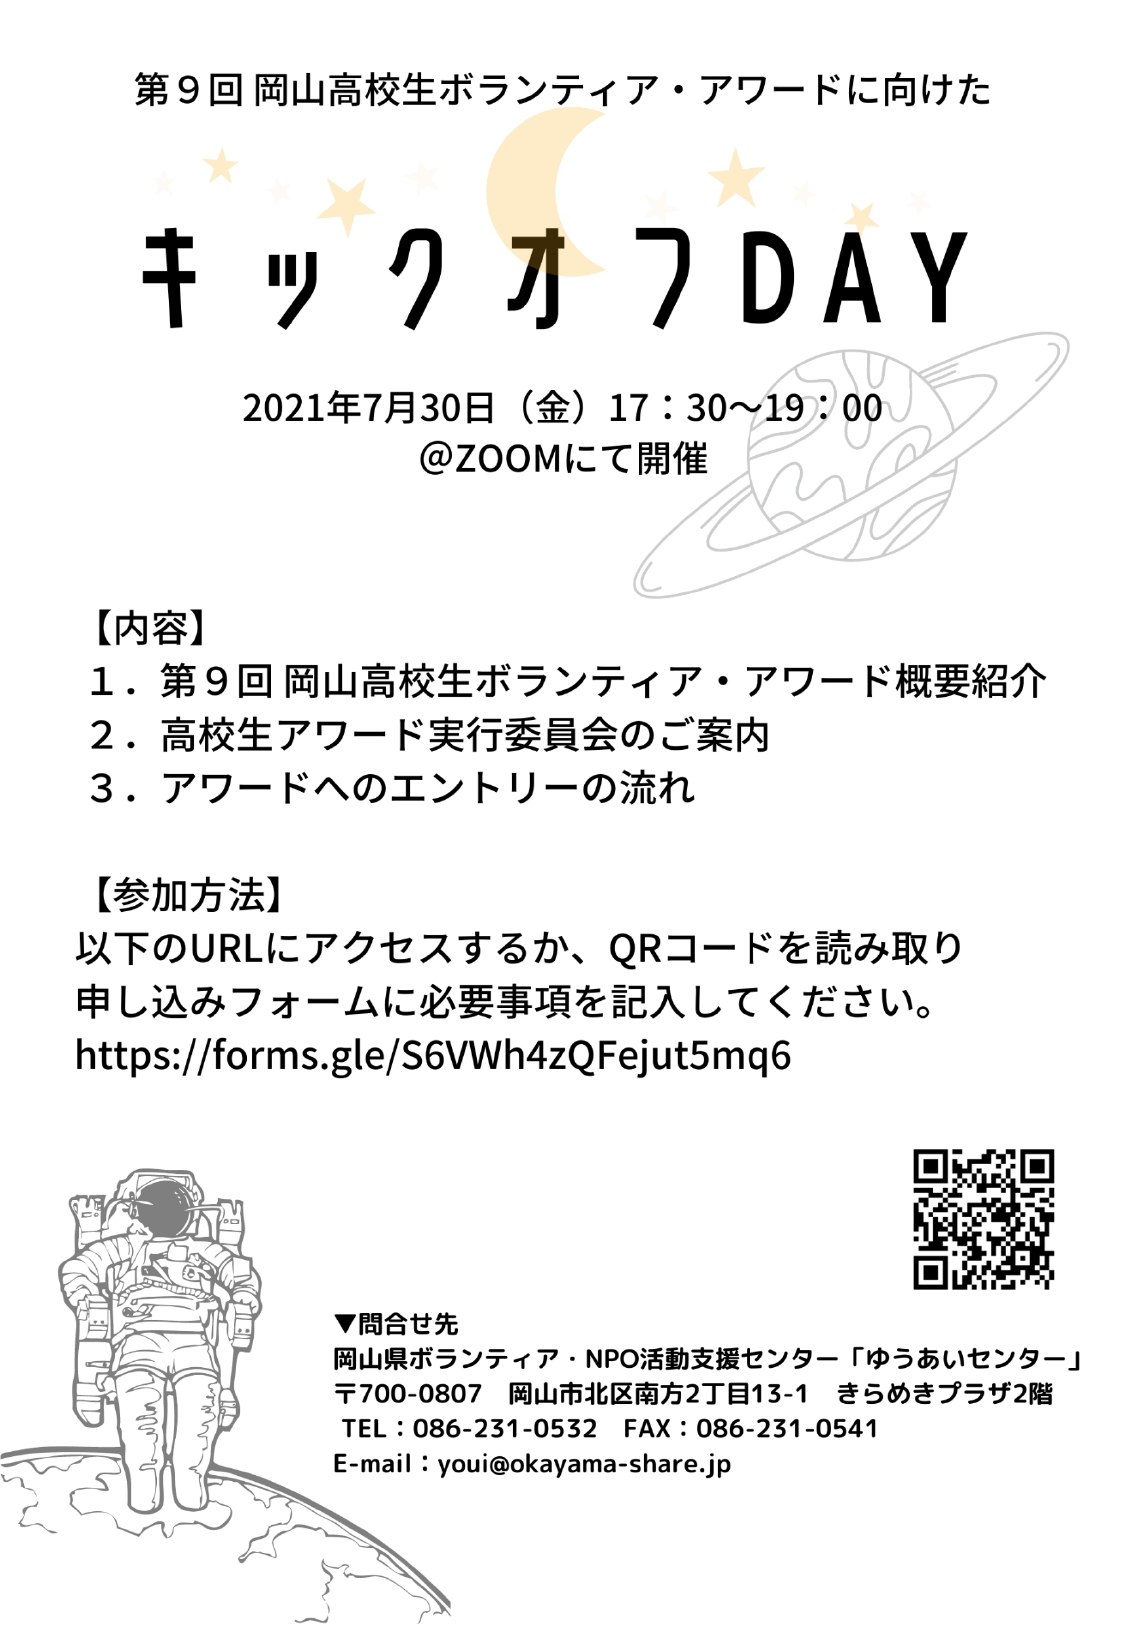 第9回 岡山高校生ボランティア・アワード【キックオフDAY】